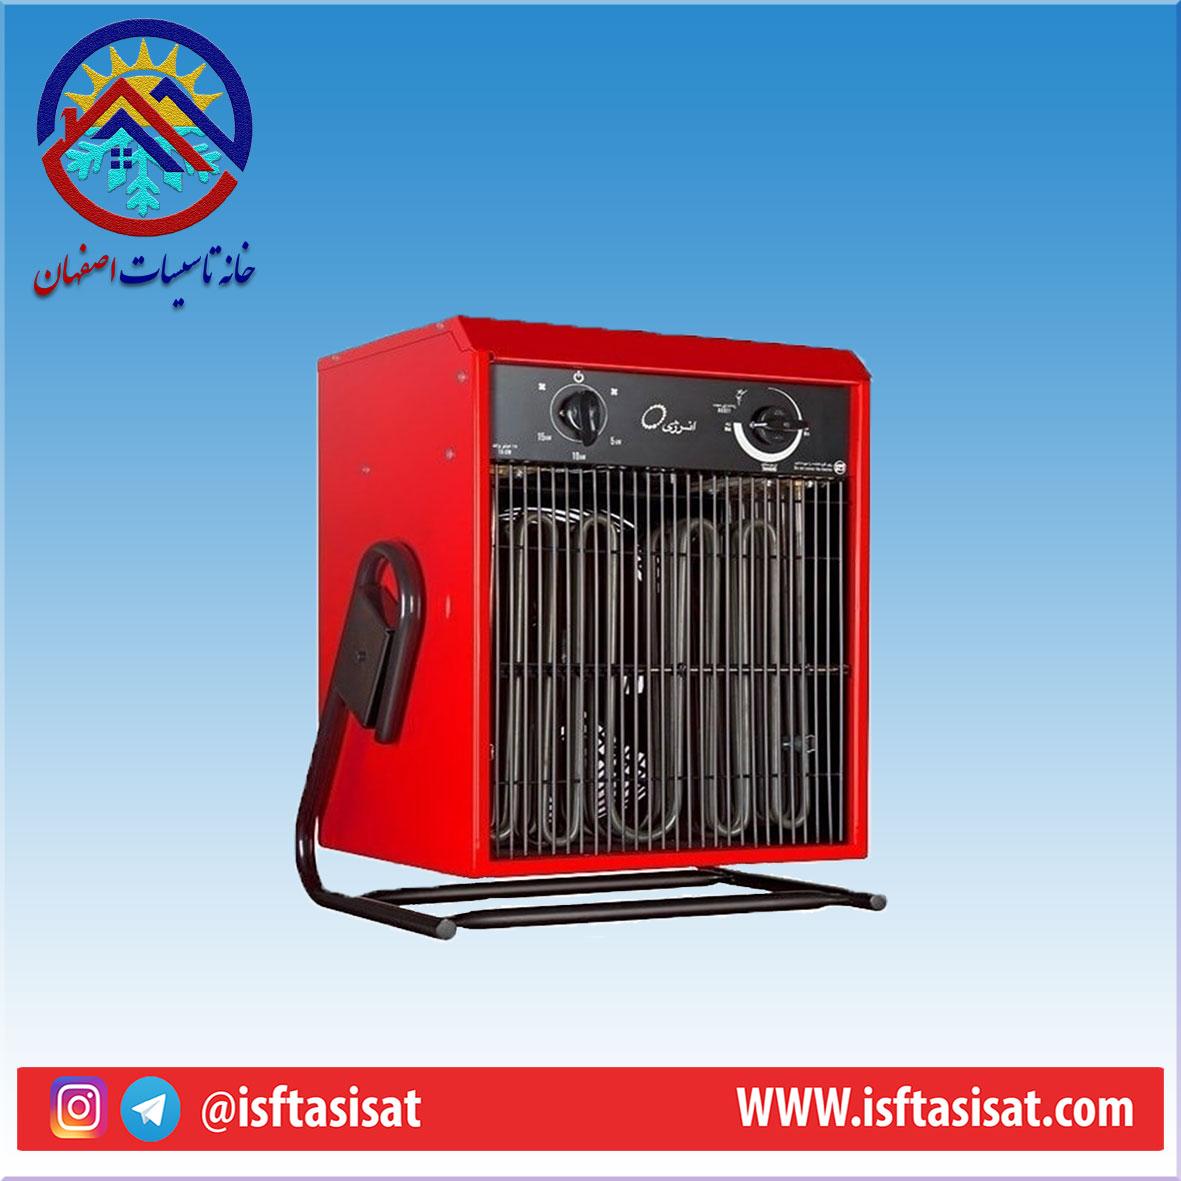 هیتر برقی انرژی | هیتر برقی | محصولات انرژی | خانه تاسیسات اصفهان